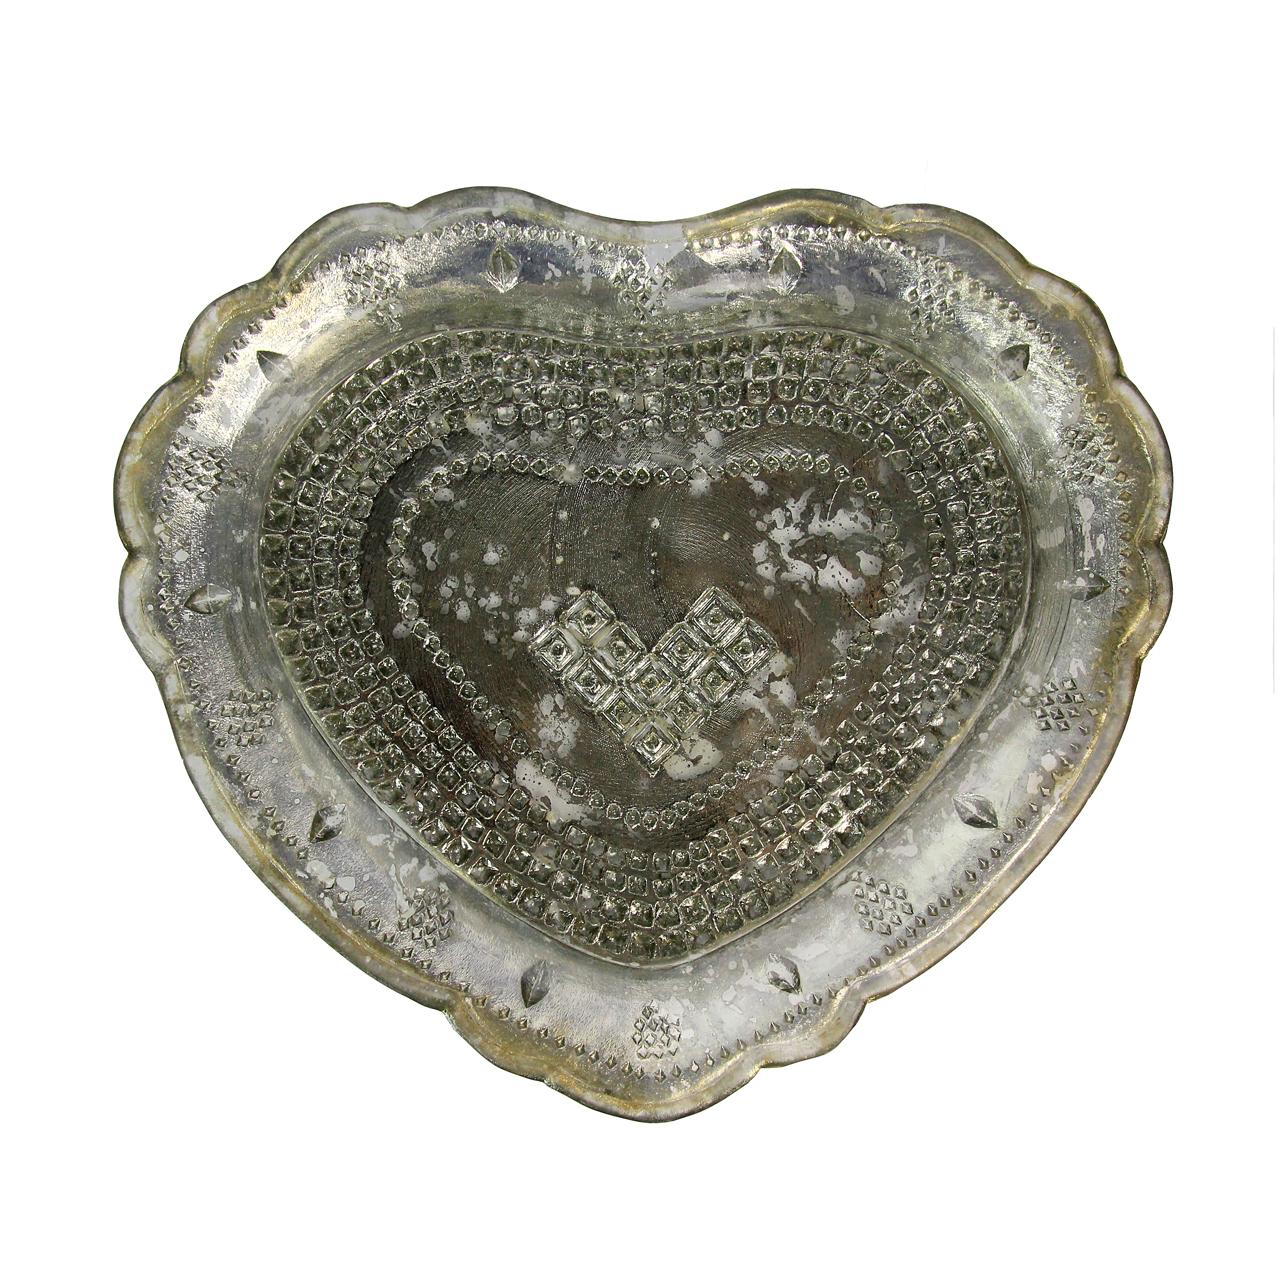 Farfurie Inima Din Sticla Argintie 25 Cm